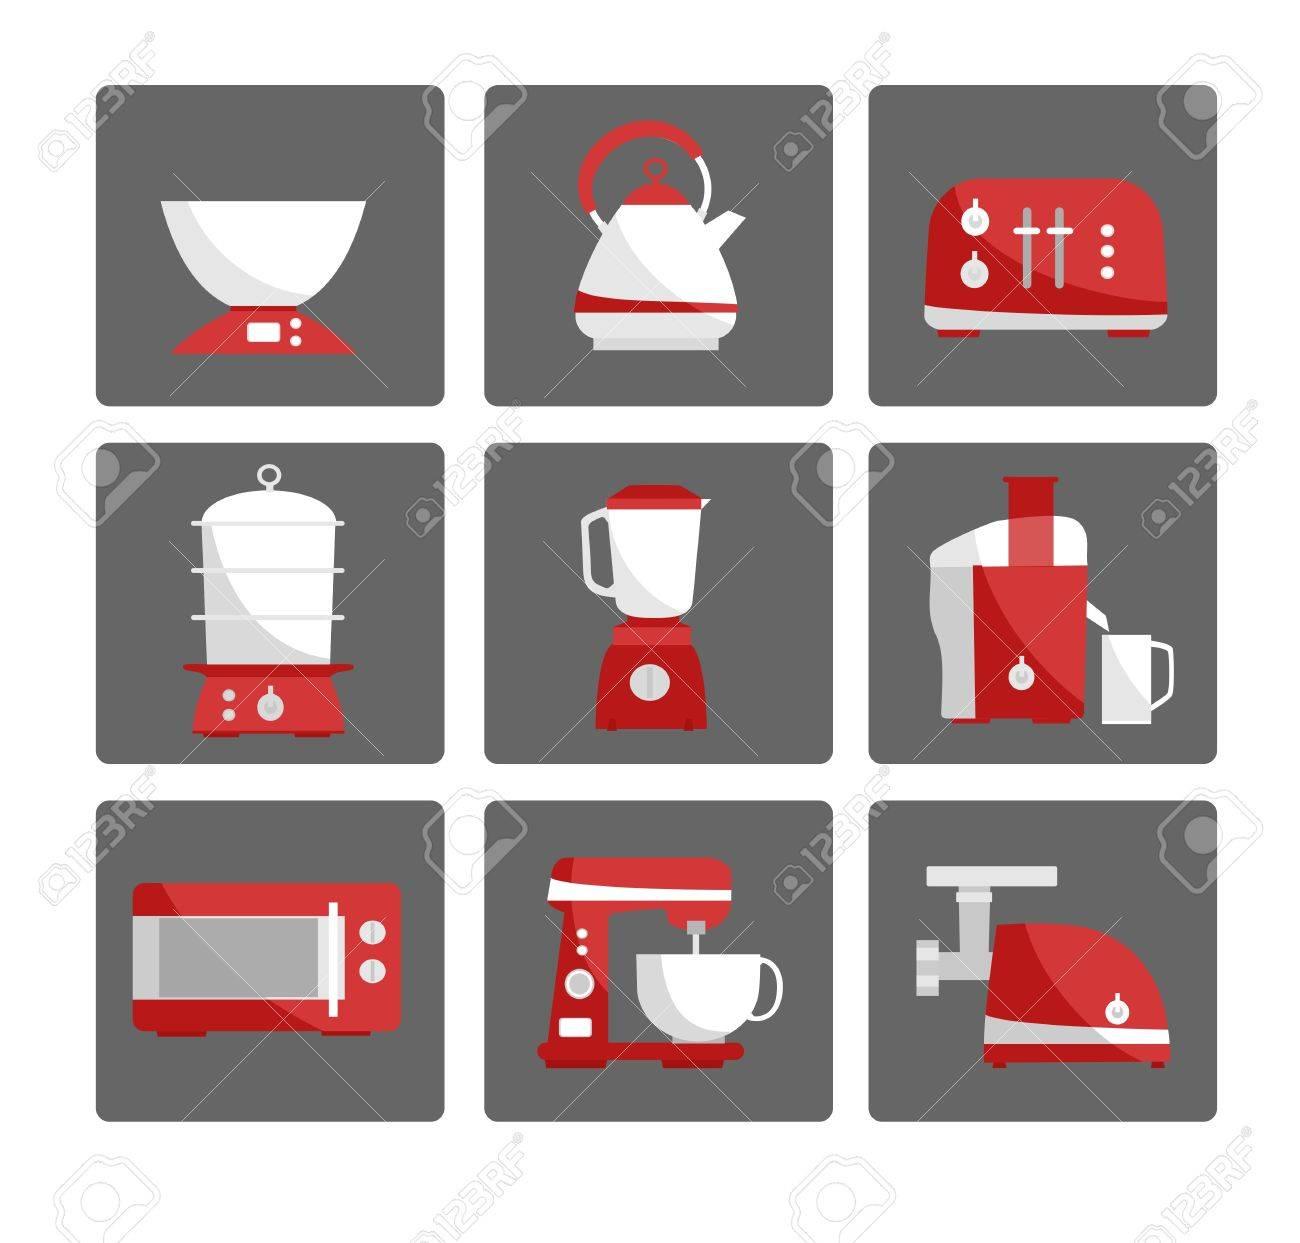 Ziemlich Was Ist Die Neue Farbe Für Küchengeräte 2013 Fotos - Küche ...